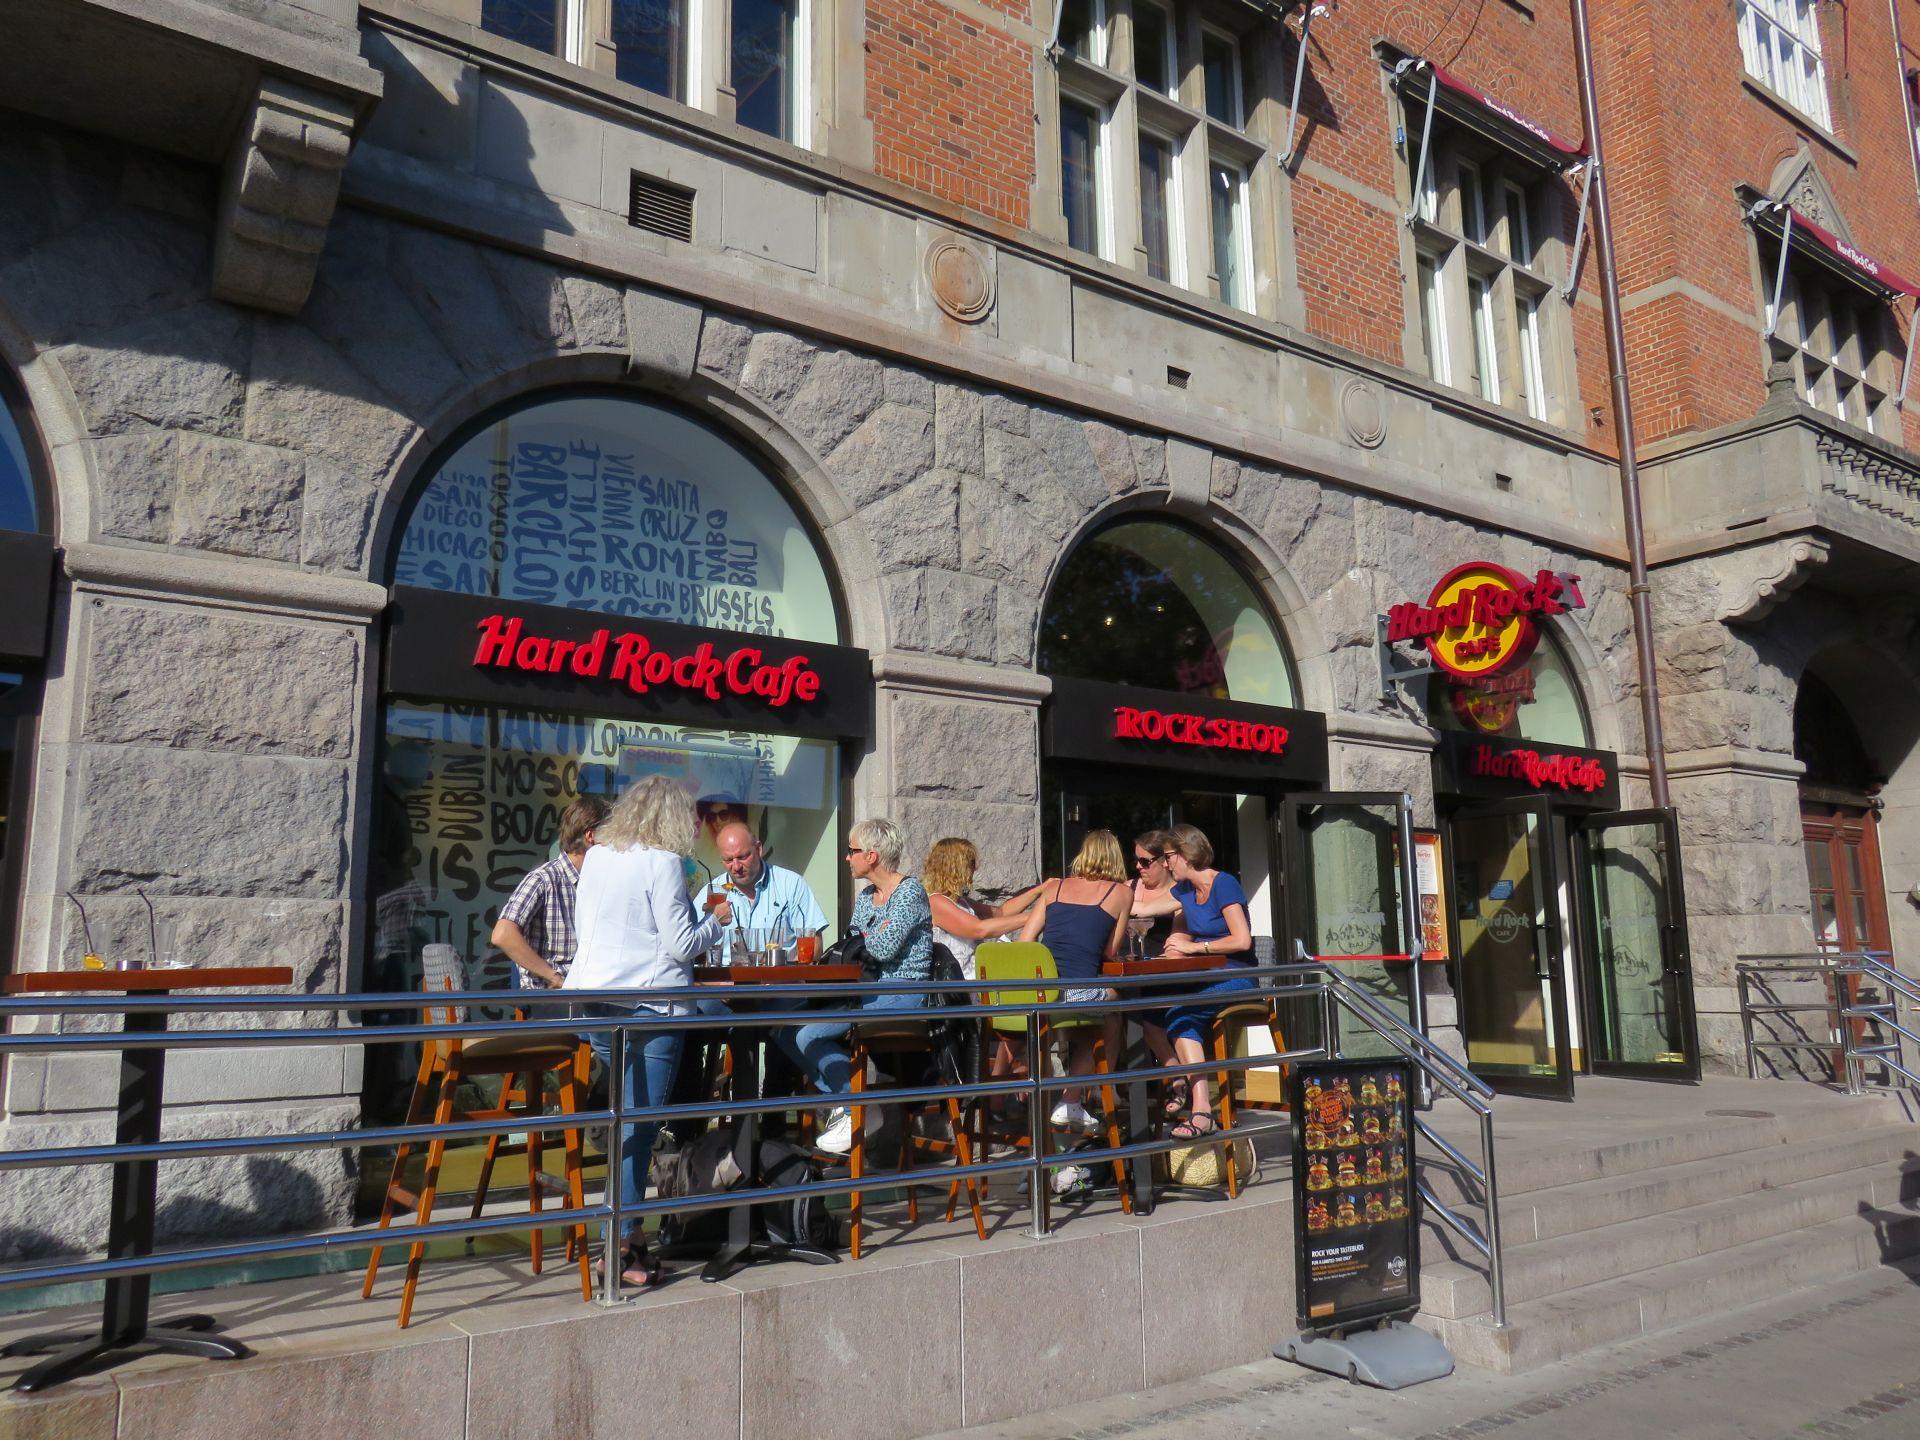 Hard Rock Caf Ef Bf Bd Copenhagen